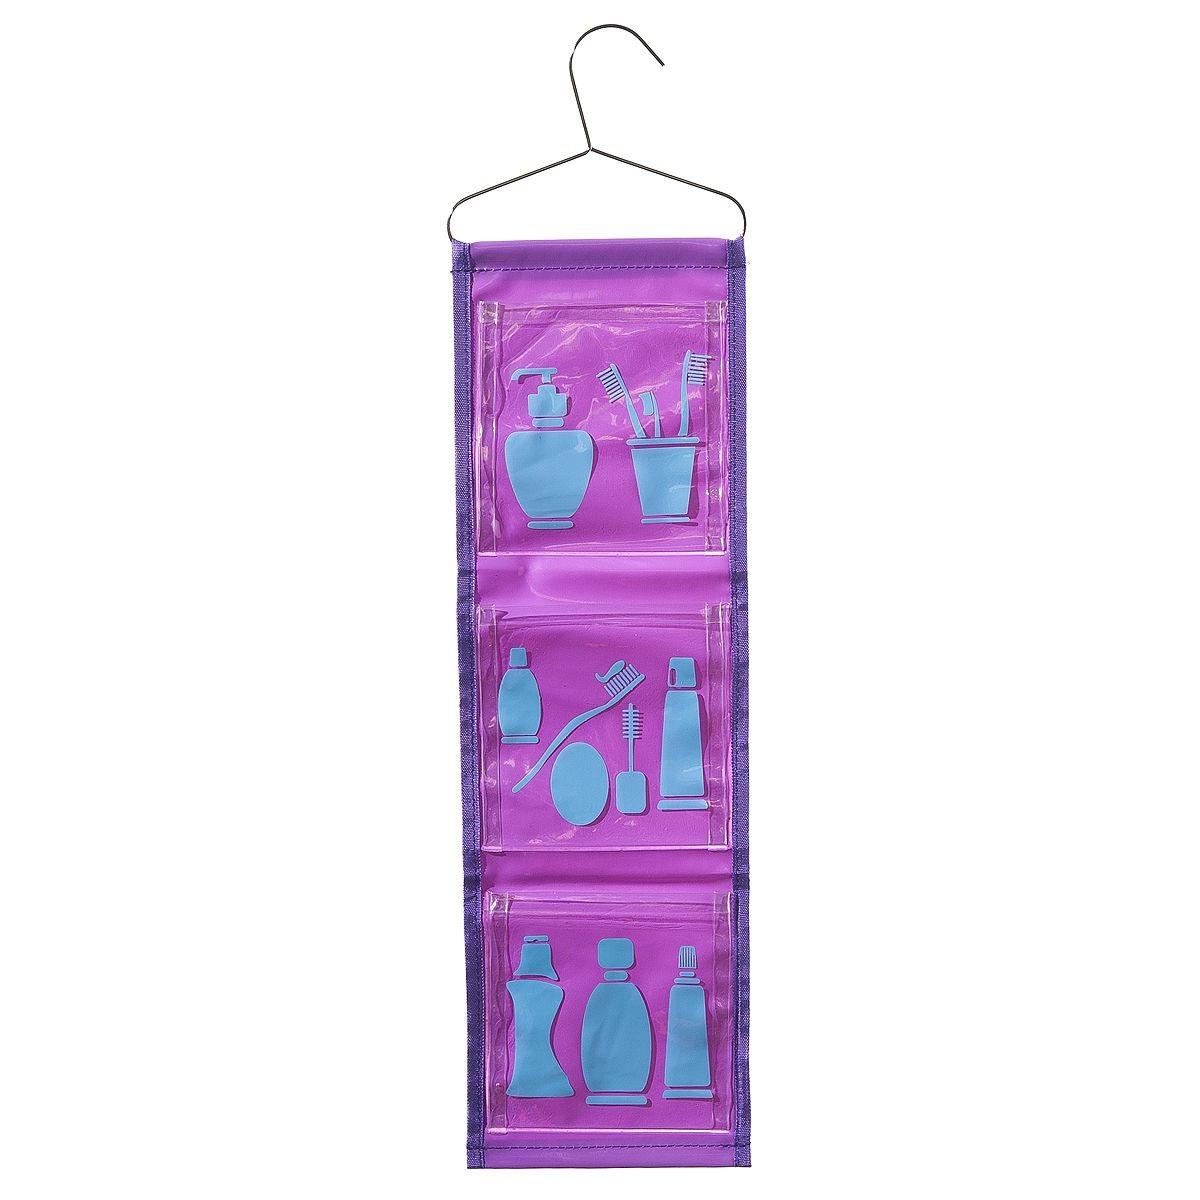 Органайзер для ванной Fresh Code, цвет: фиолетовый, 3 отделения, 65 см х 16 см64921_фиолетовыйУдобный и яркий органайзер Fresh Code - это отличное решение для хранения мелочей в ванной комнате. Органайзер оснащен тремя карманами, в которые можно положить необходимые принадлежности для ванной комнаты. Органайзер имеет металлическую вешалку, за которую его можно повесить в любое удобное место. Органайзер Fresh Code станет ярким украшением вашей ванной комнаты.